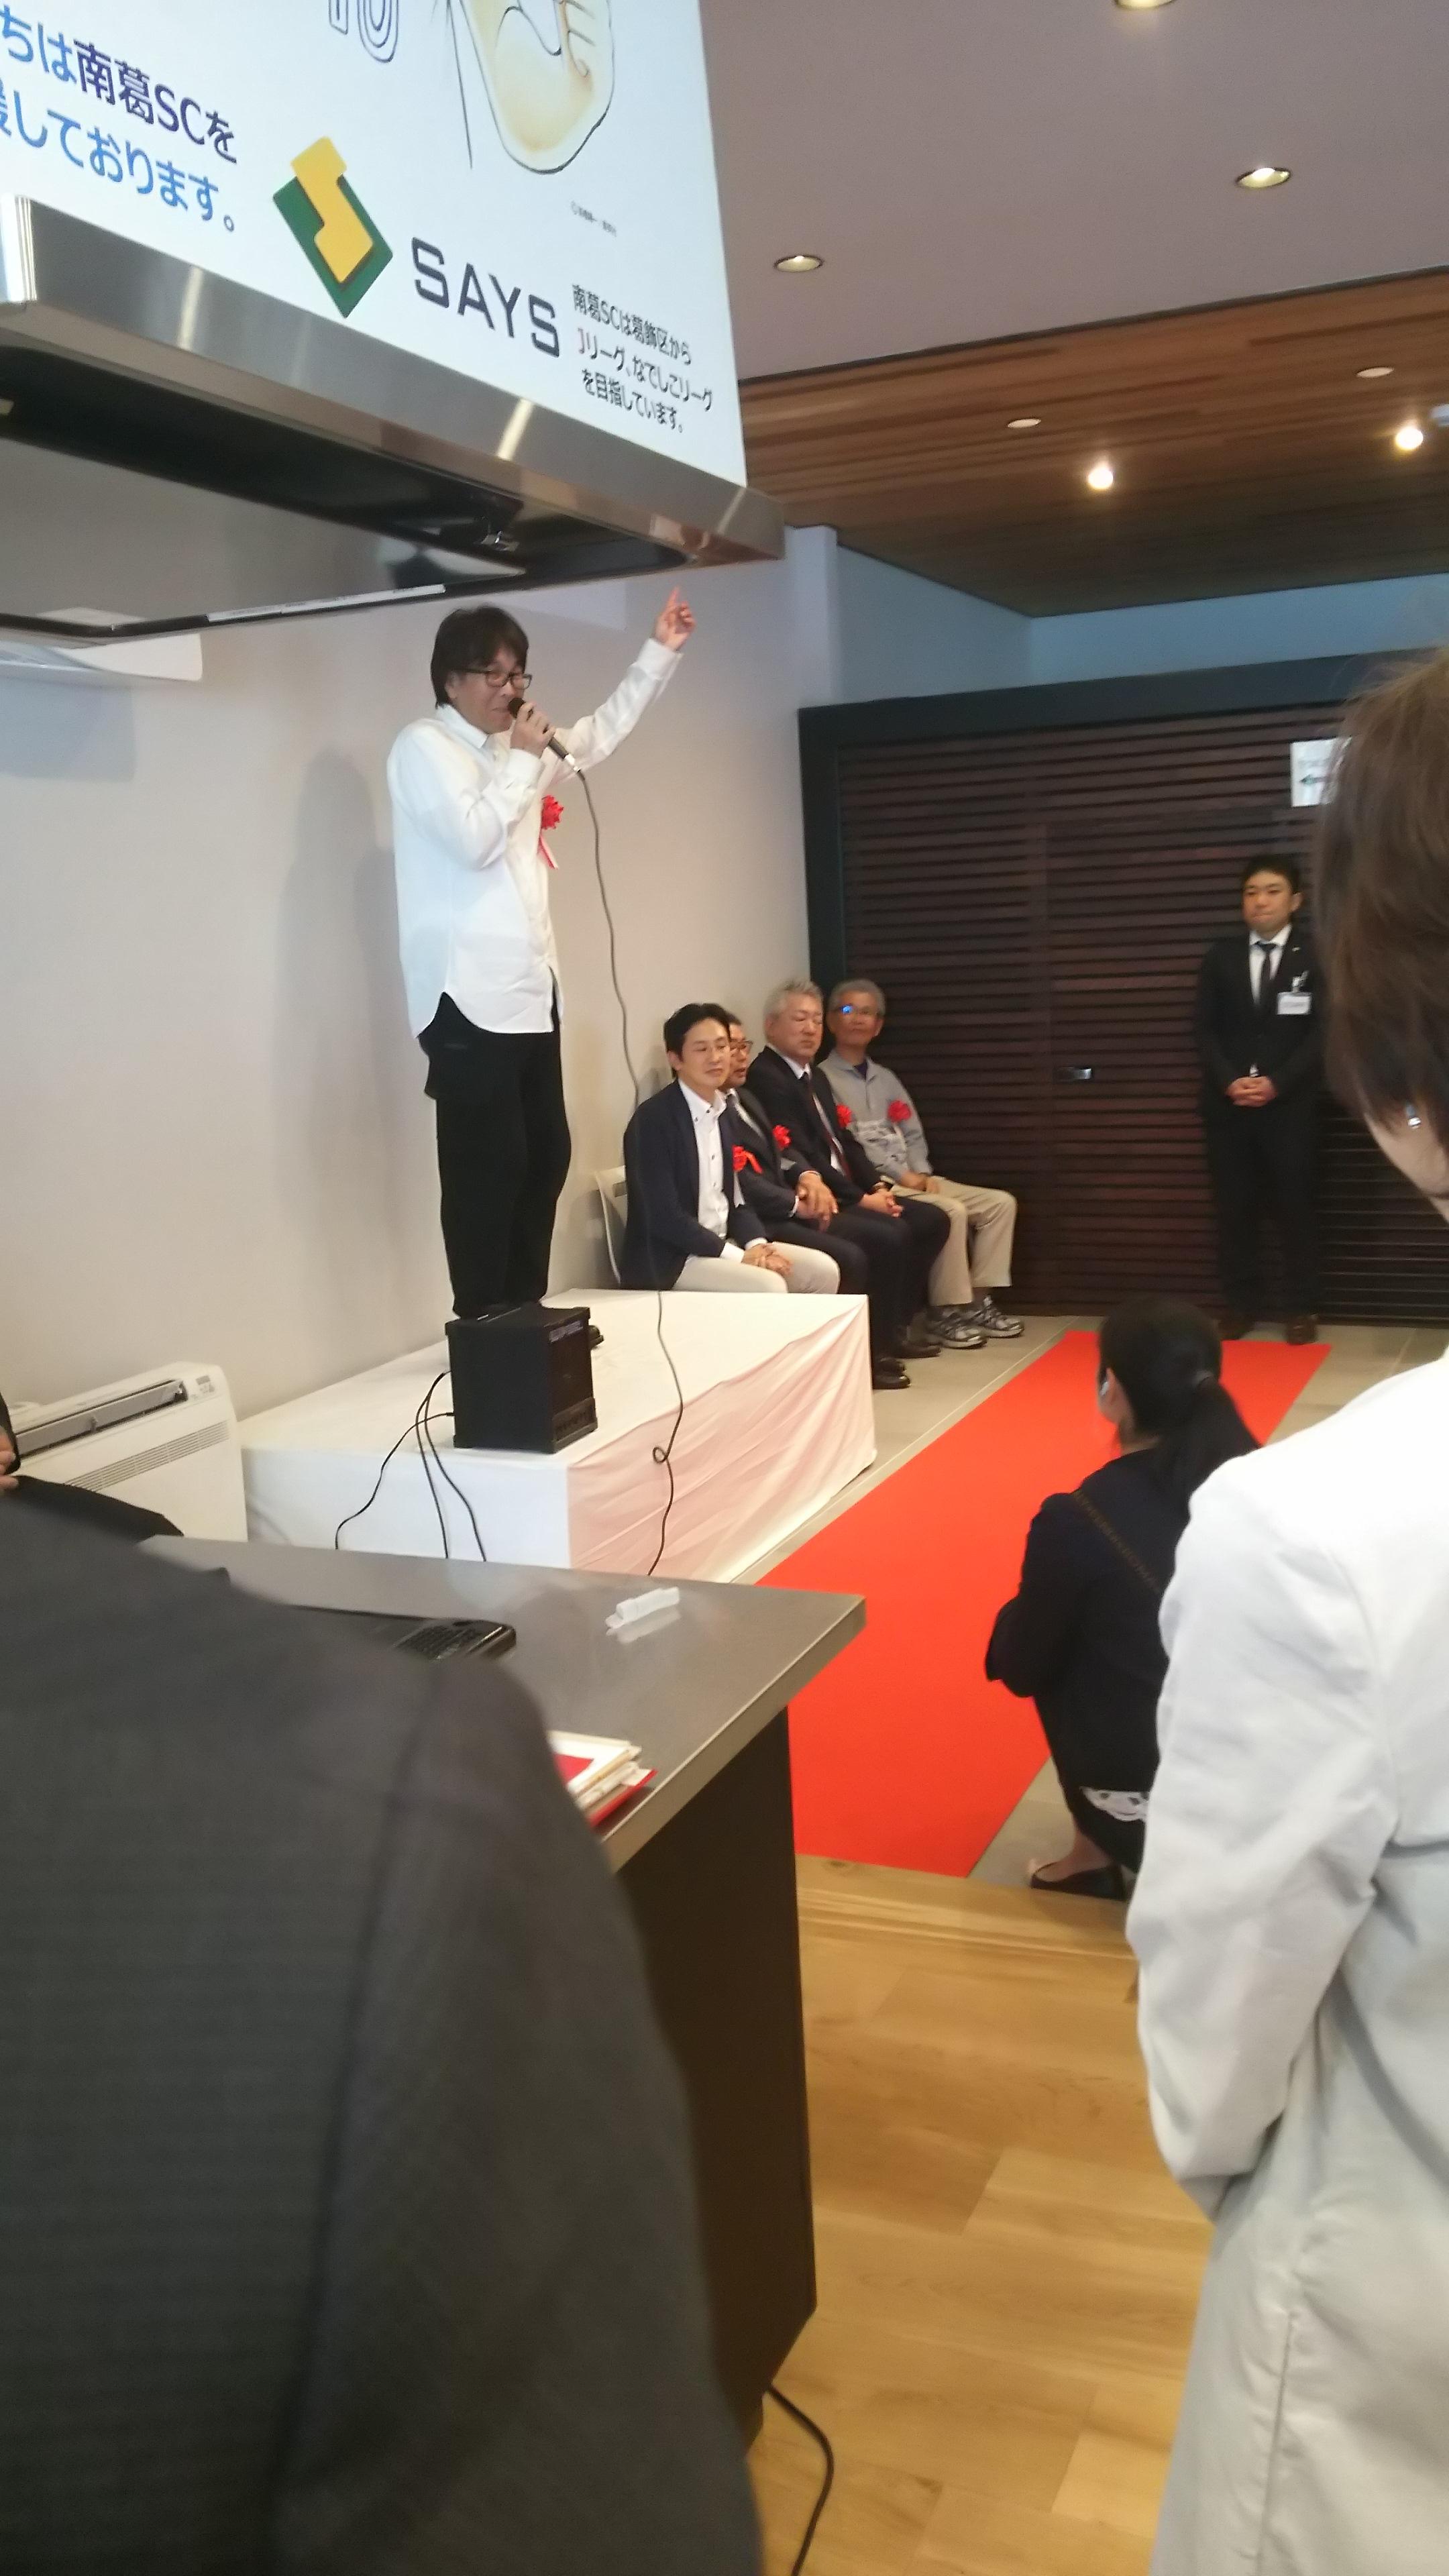 高橋陽一先生も御来賓として出席いただきお祝いの言葉を述べられました